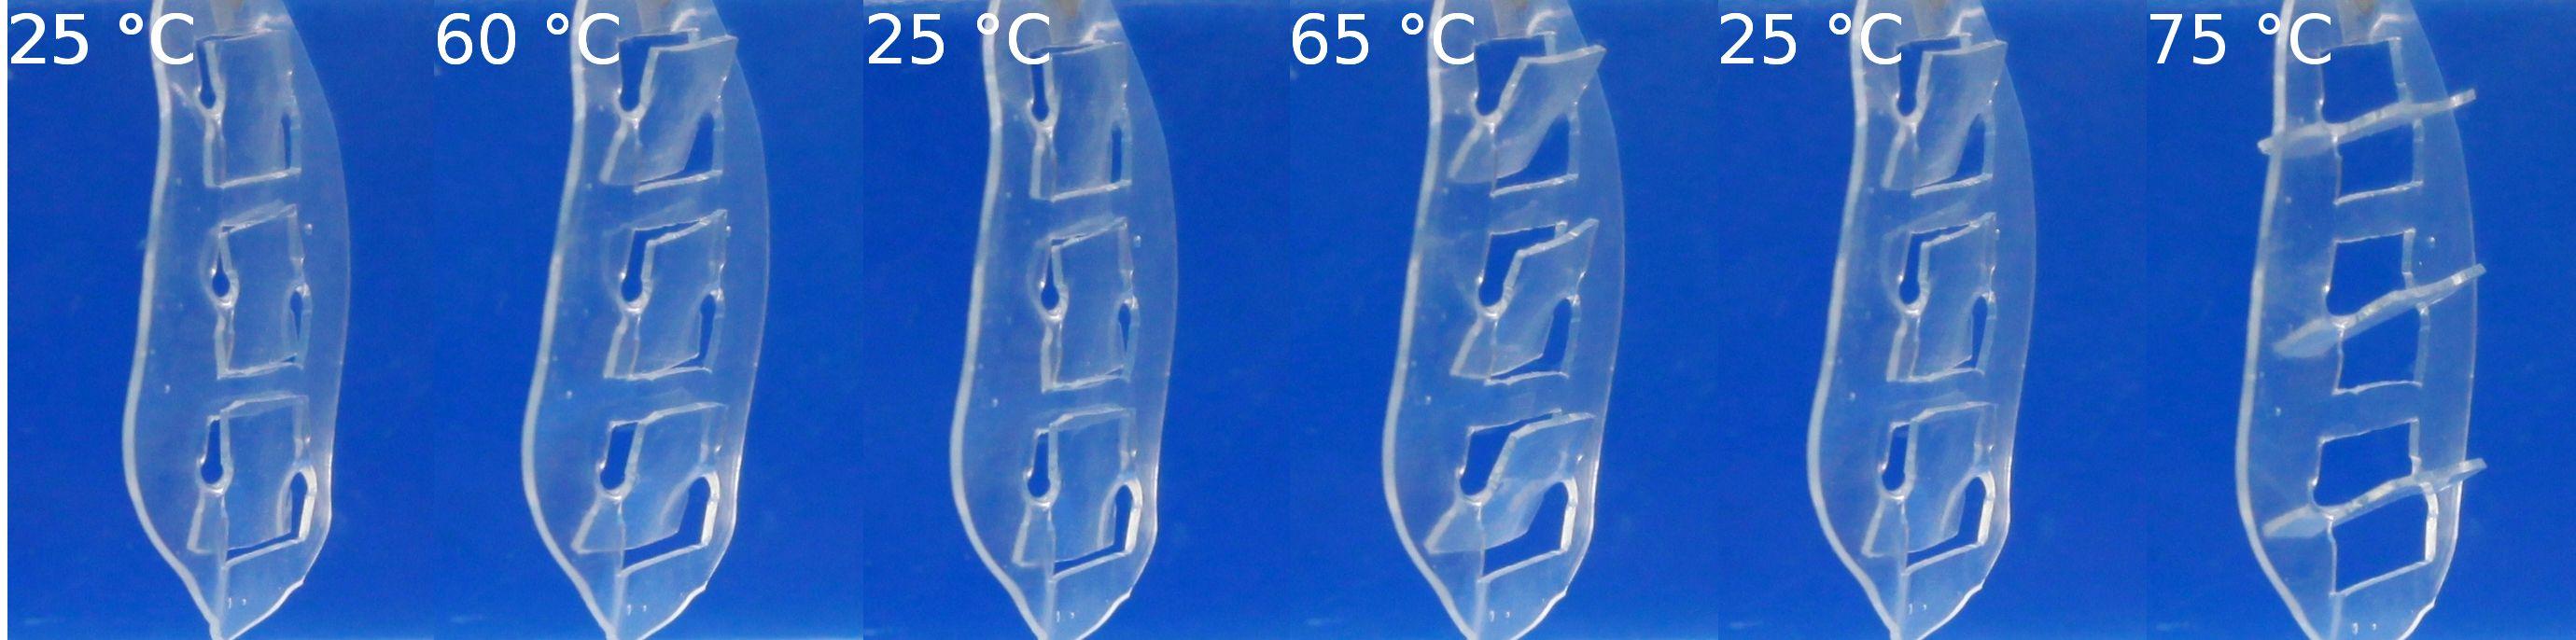 In dem Modell einer Fensterjalousie werden die Polymer-Aktuatoren zum temperaturabhängigen Öffnen und Schließen der Lamellen genutzt.